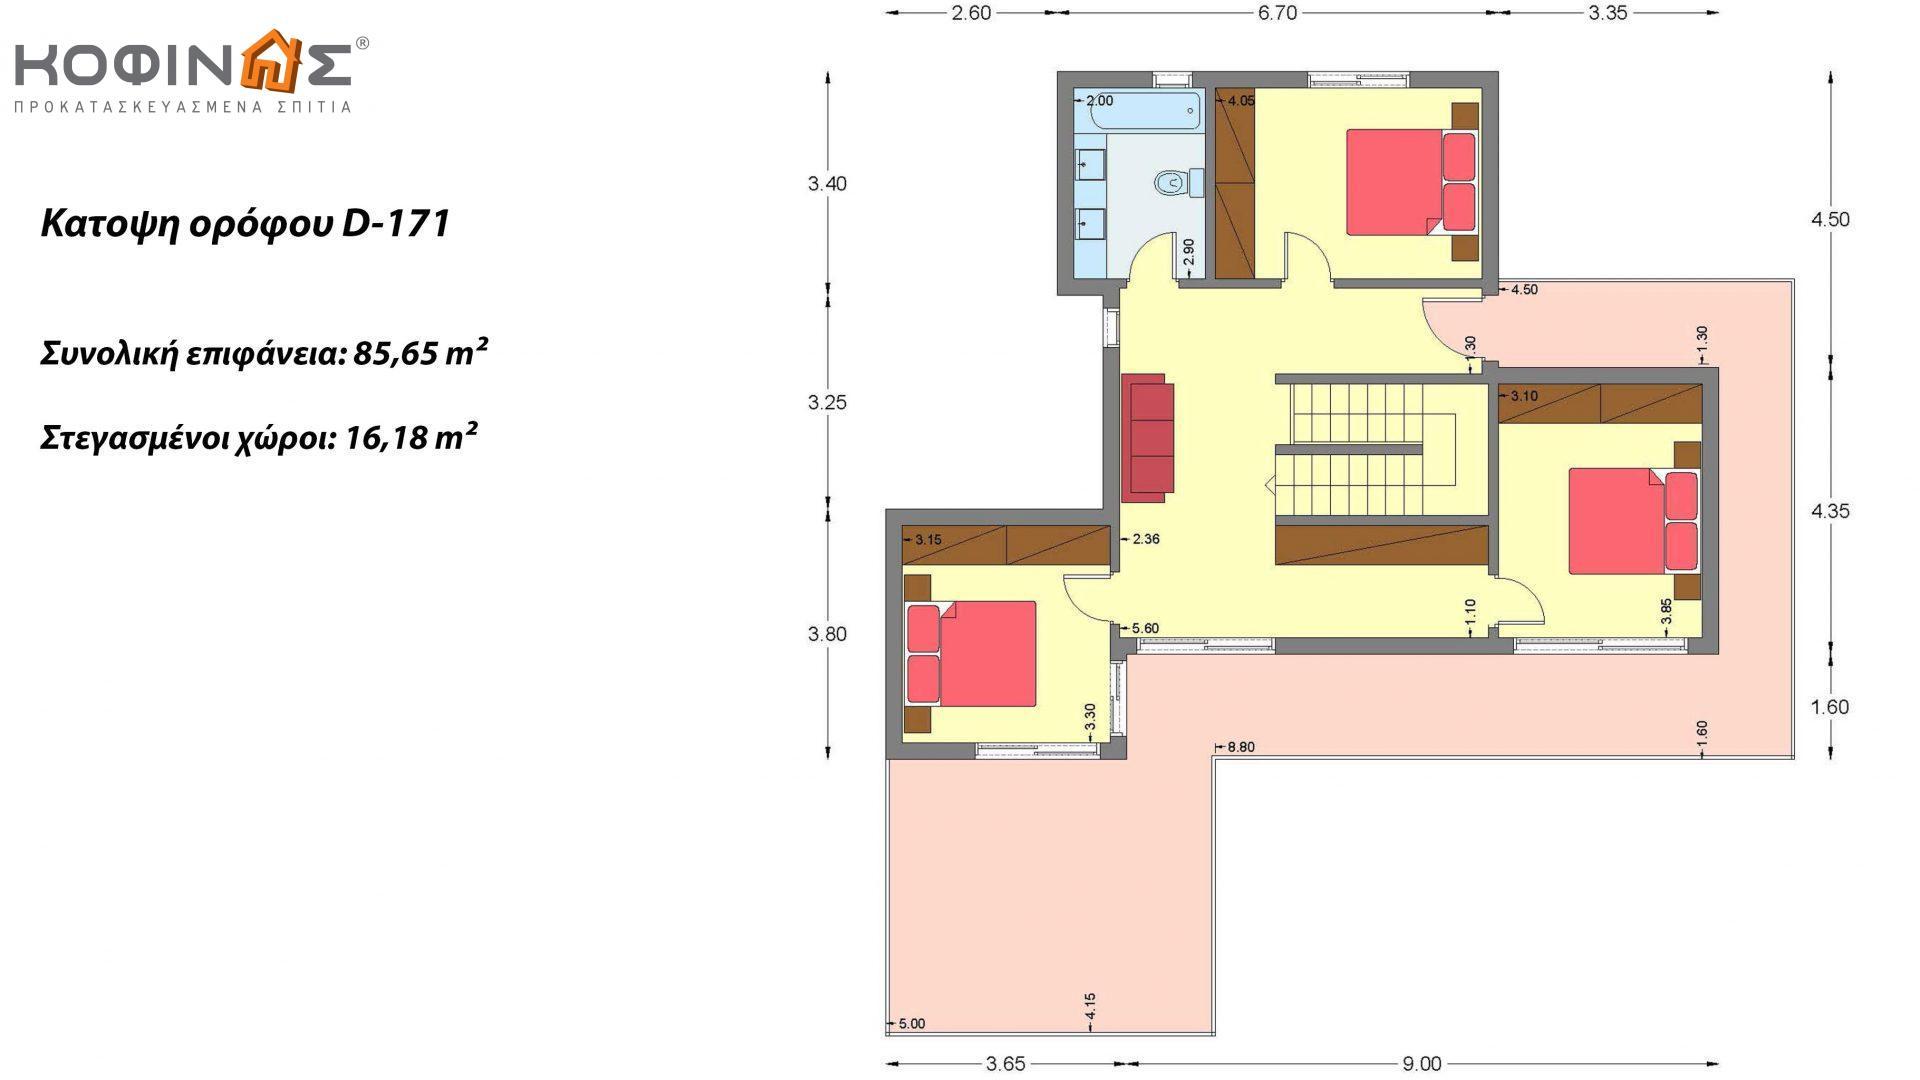 Διώροφη Κατοικία D-171, συνολικής επιφάνειας 171,21 τ.μ.